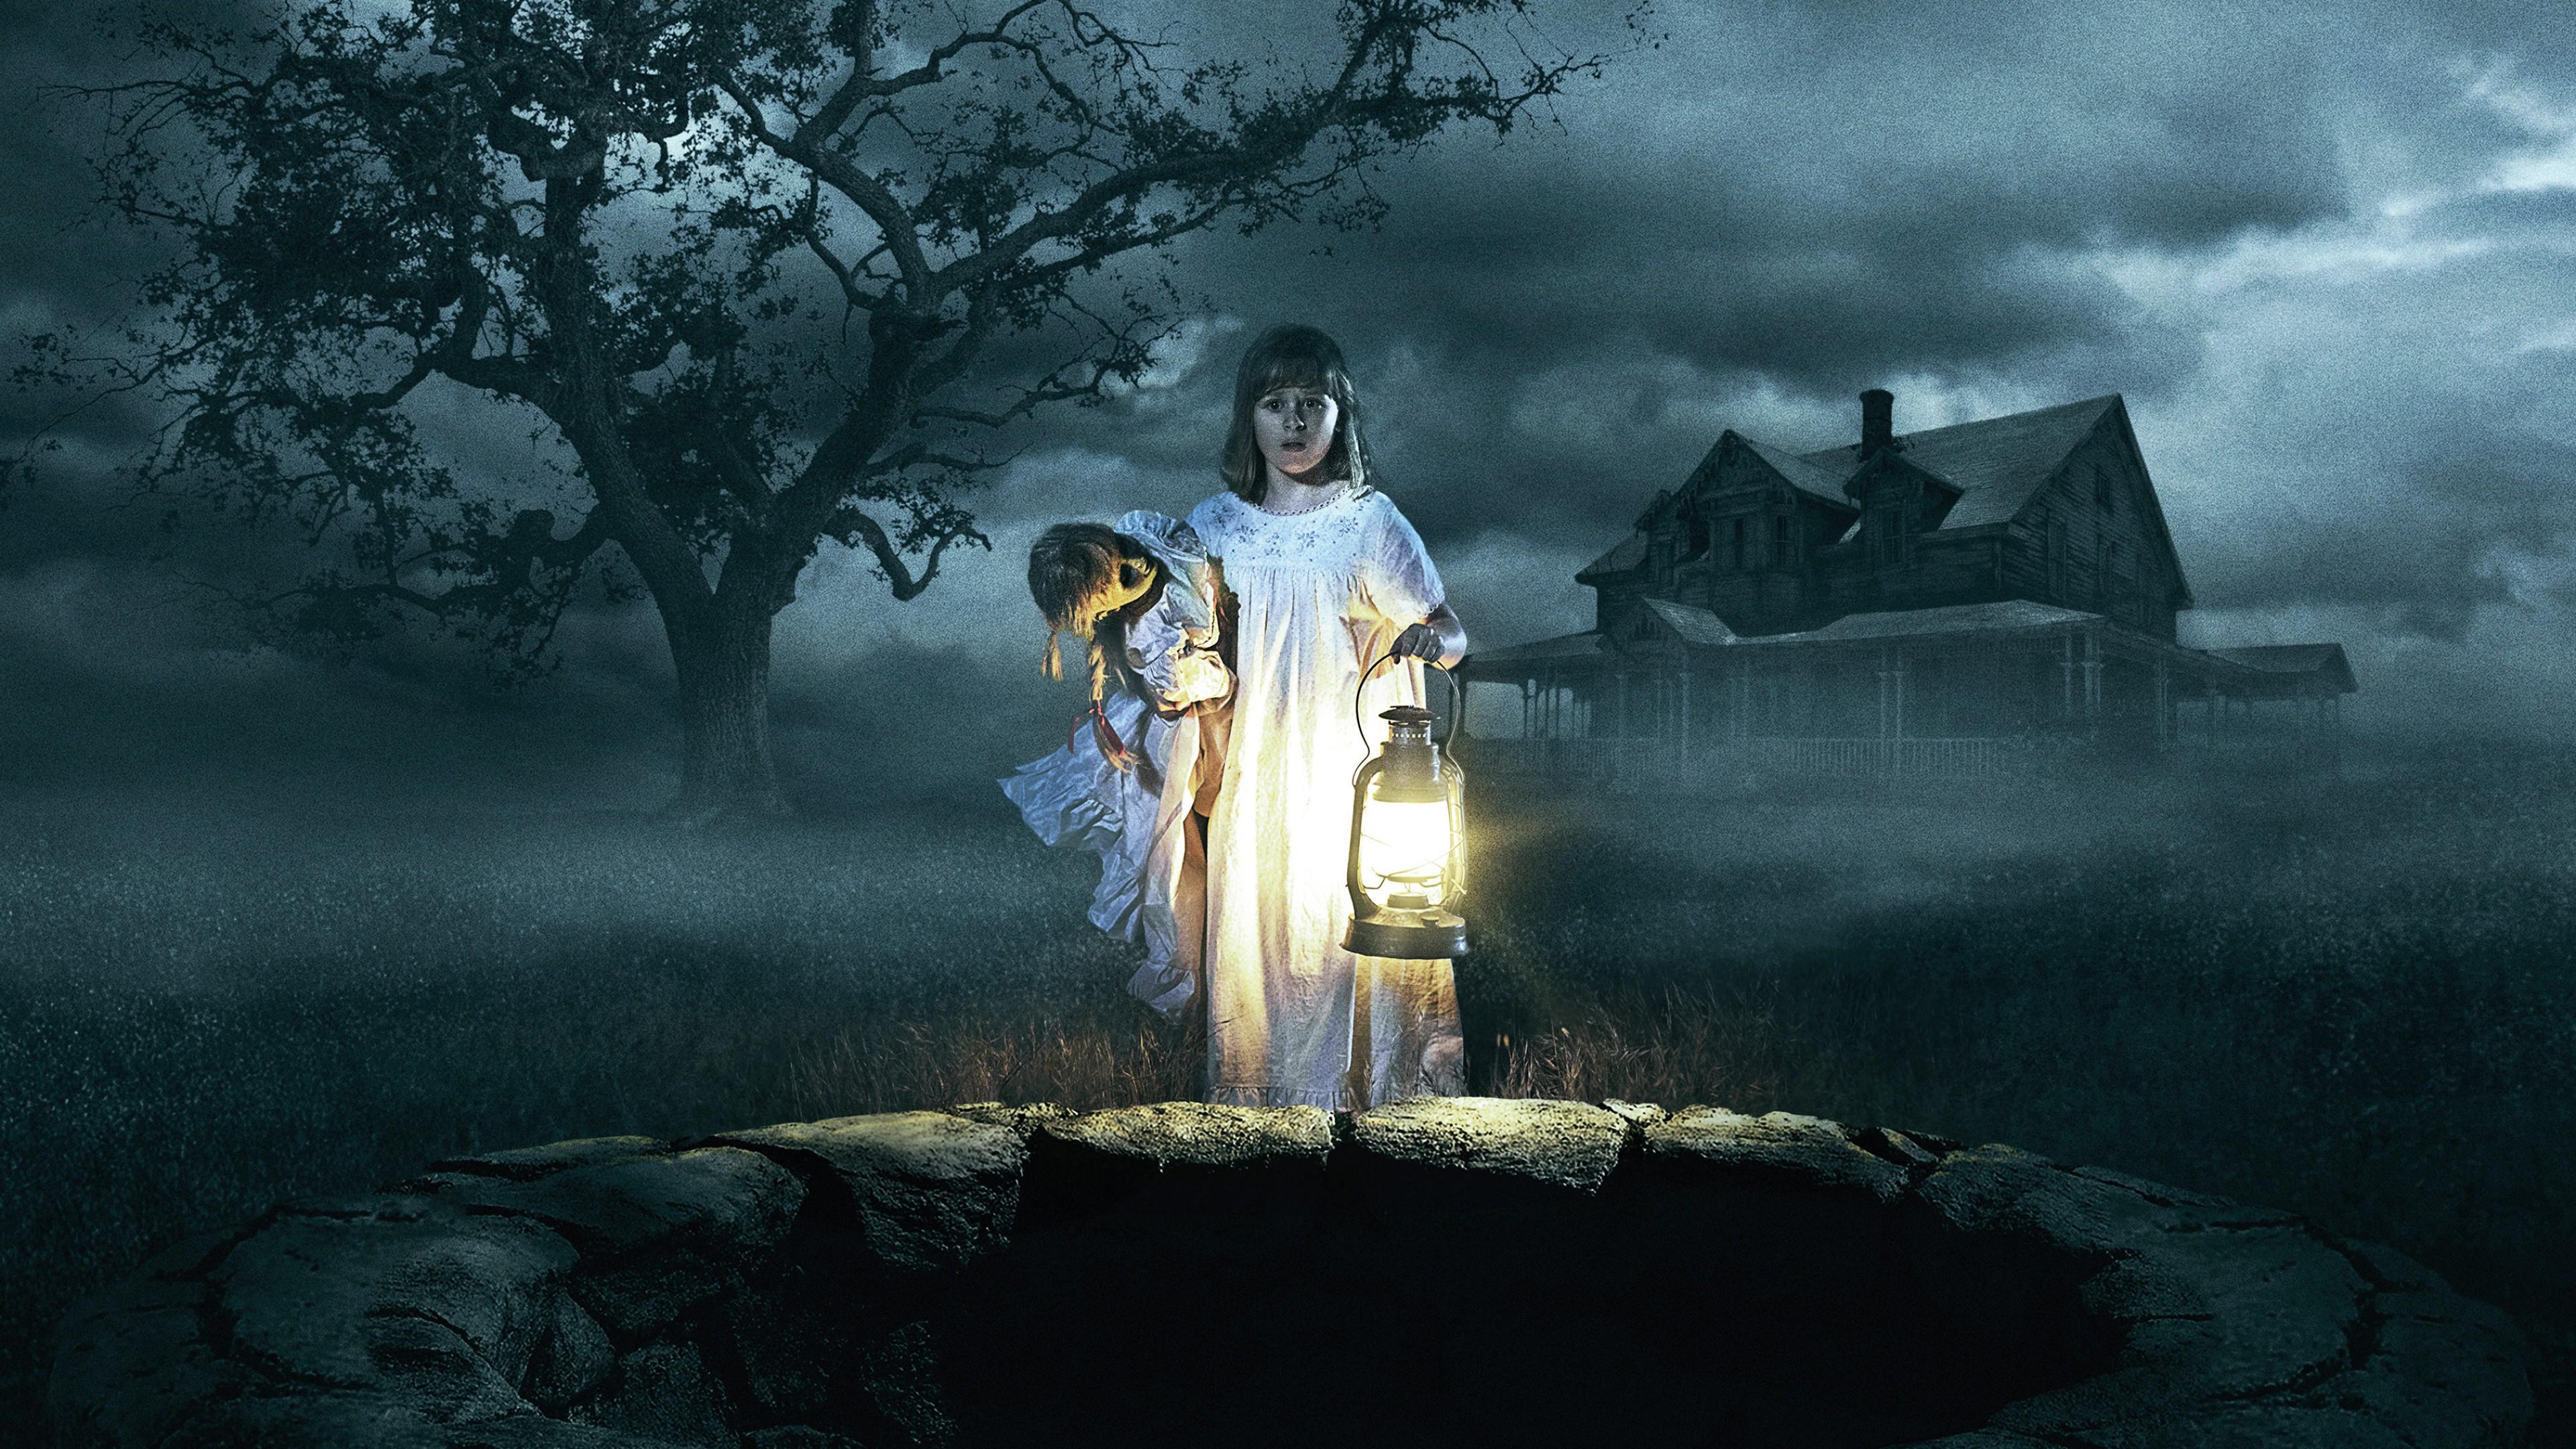 Молодая женщина с ребенком и фонарем у колодца ночью